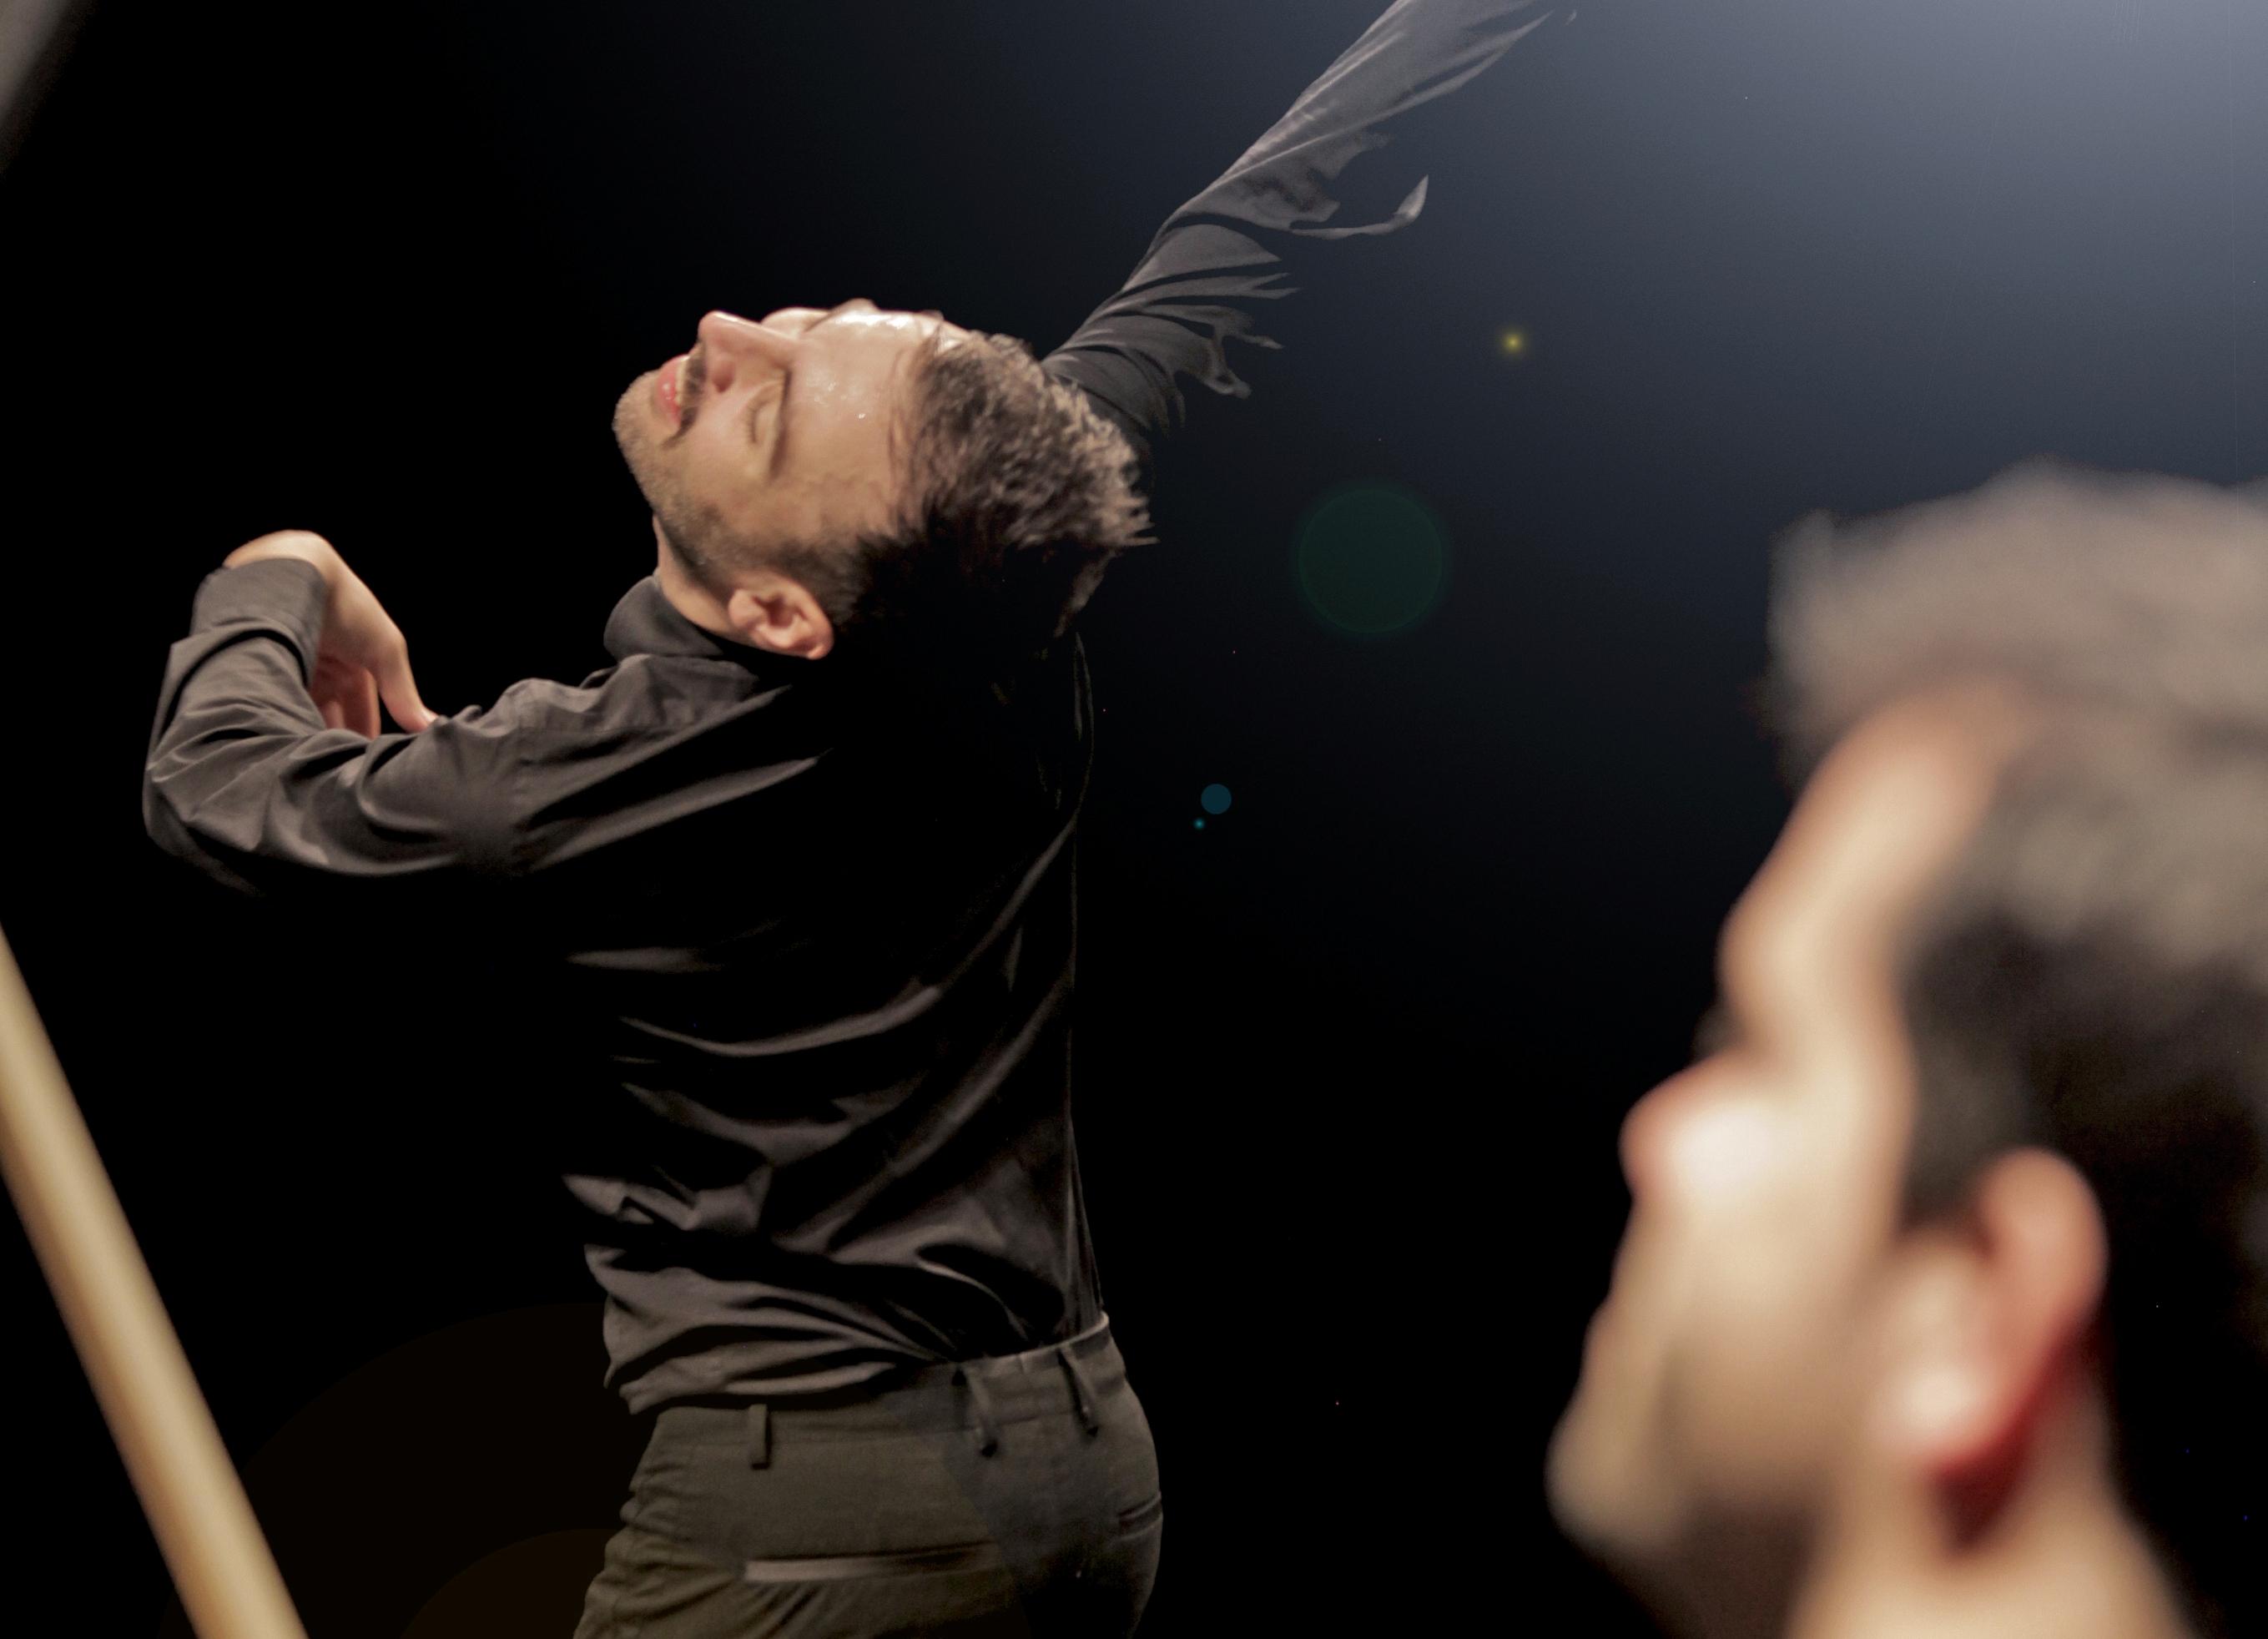 marco flores ignacio prego madrid en danza 2020 improrrogable origen